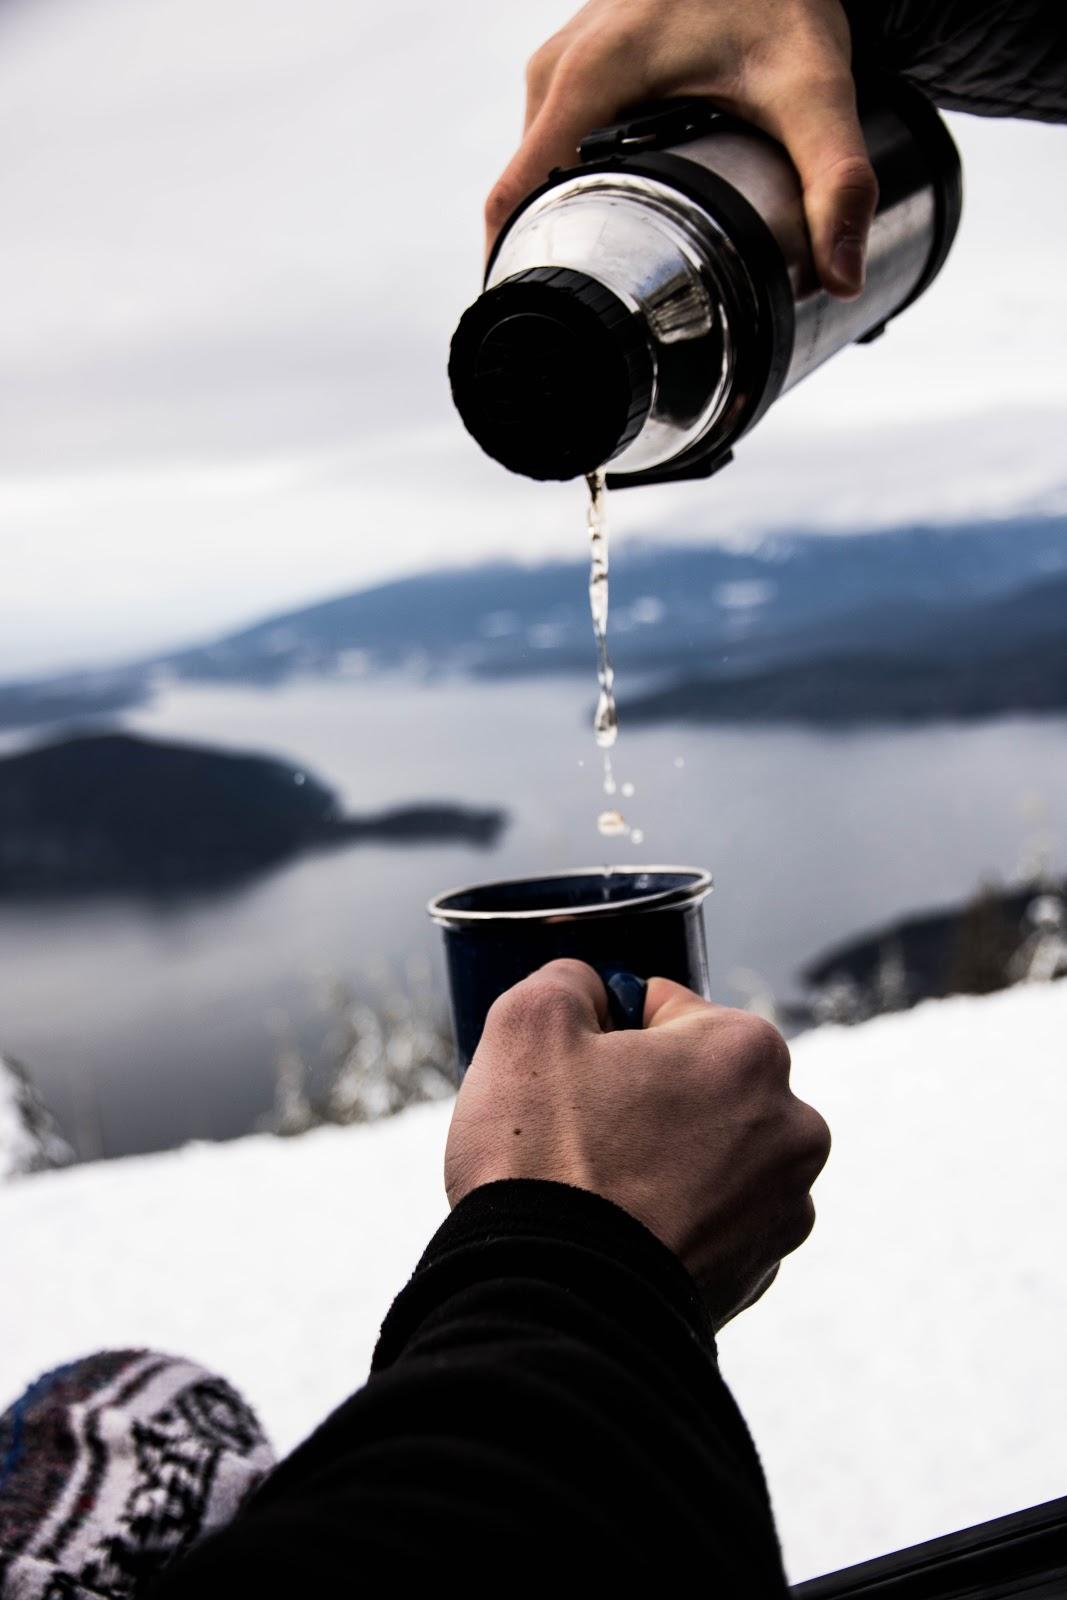 Có nên sử dụng nước tinh khiết thường xuyên?